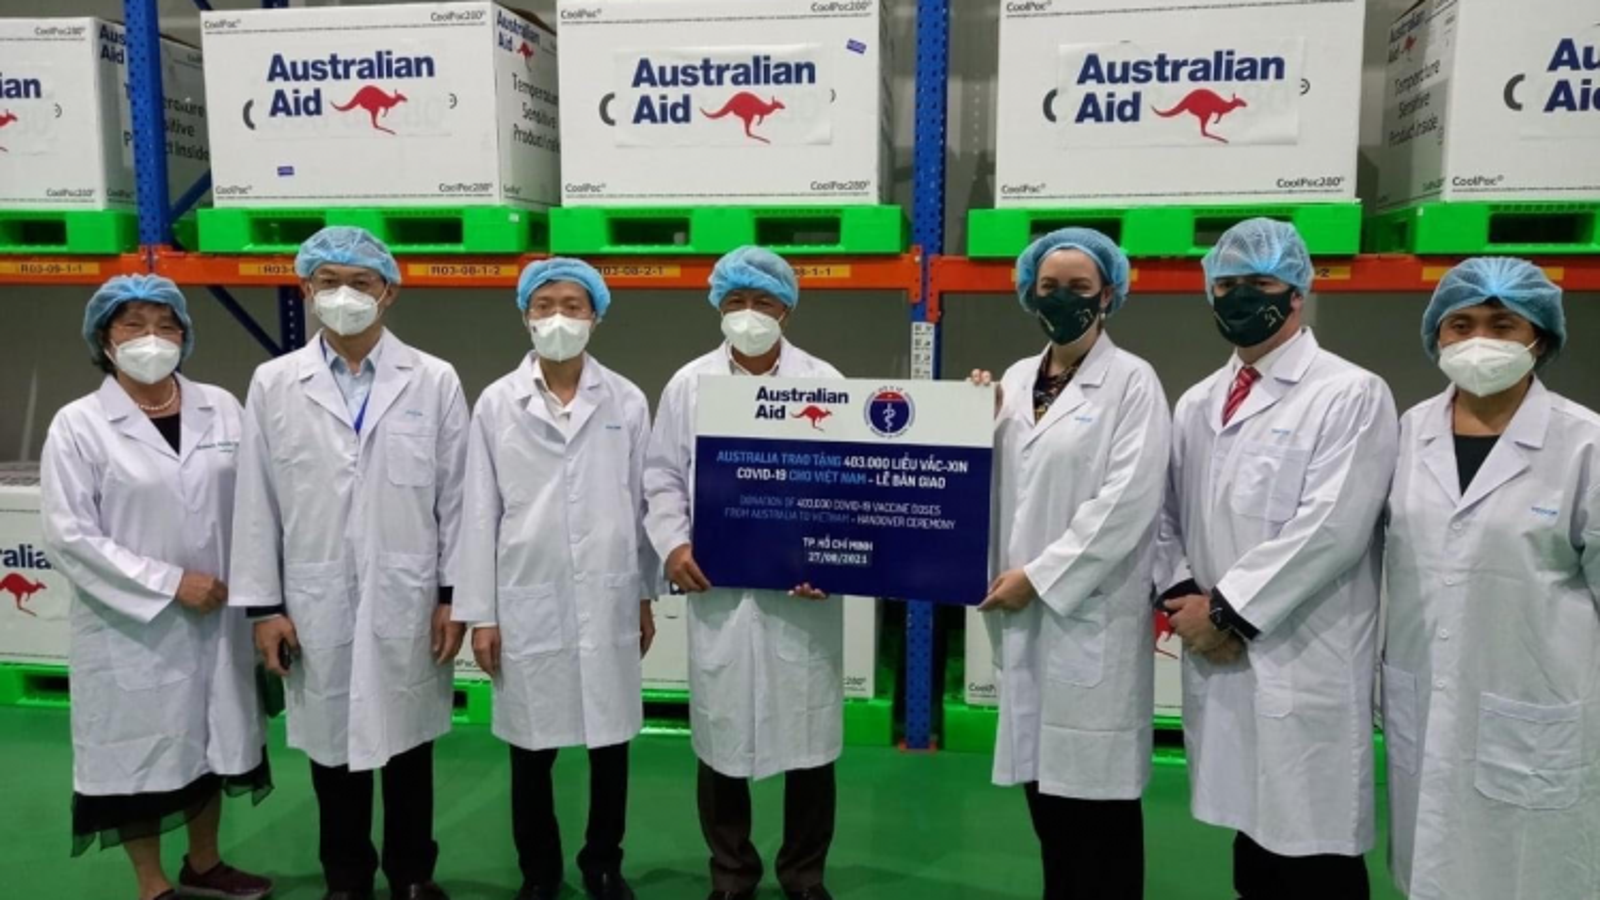 Australia tăng số vaccine Covid-19 hỗ trợ Việt Nam lên 5,2 triệu liều